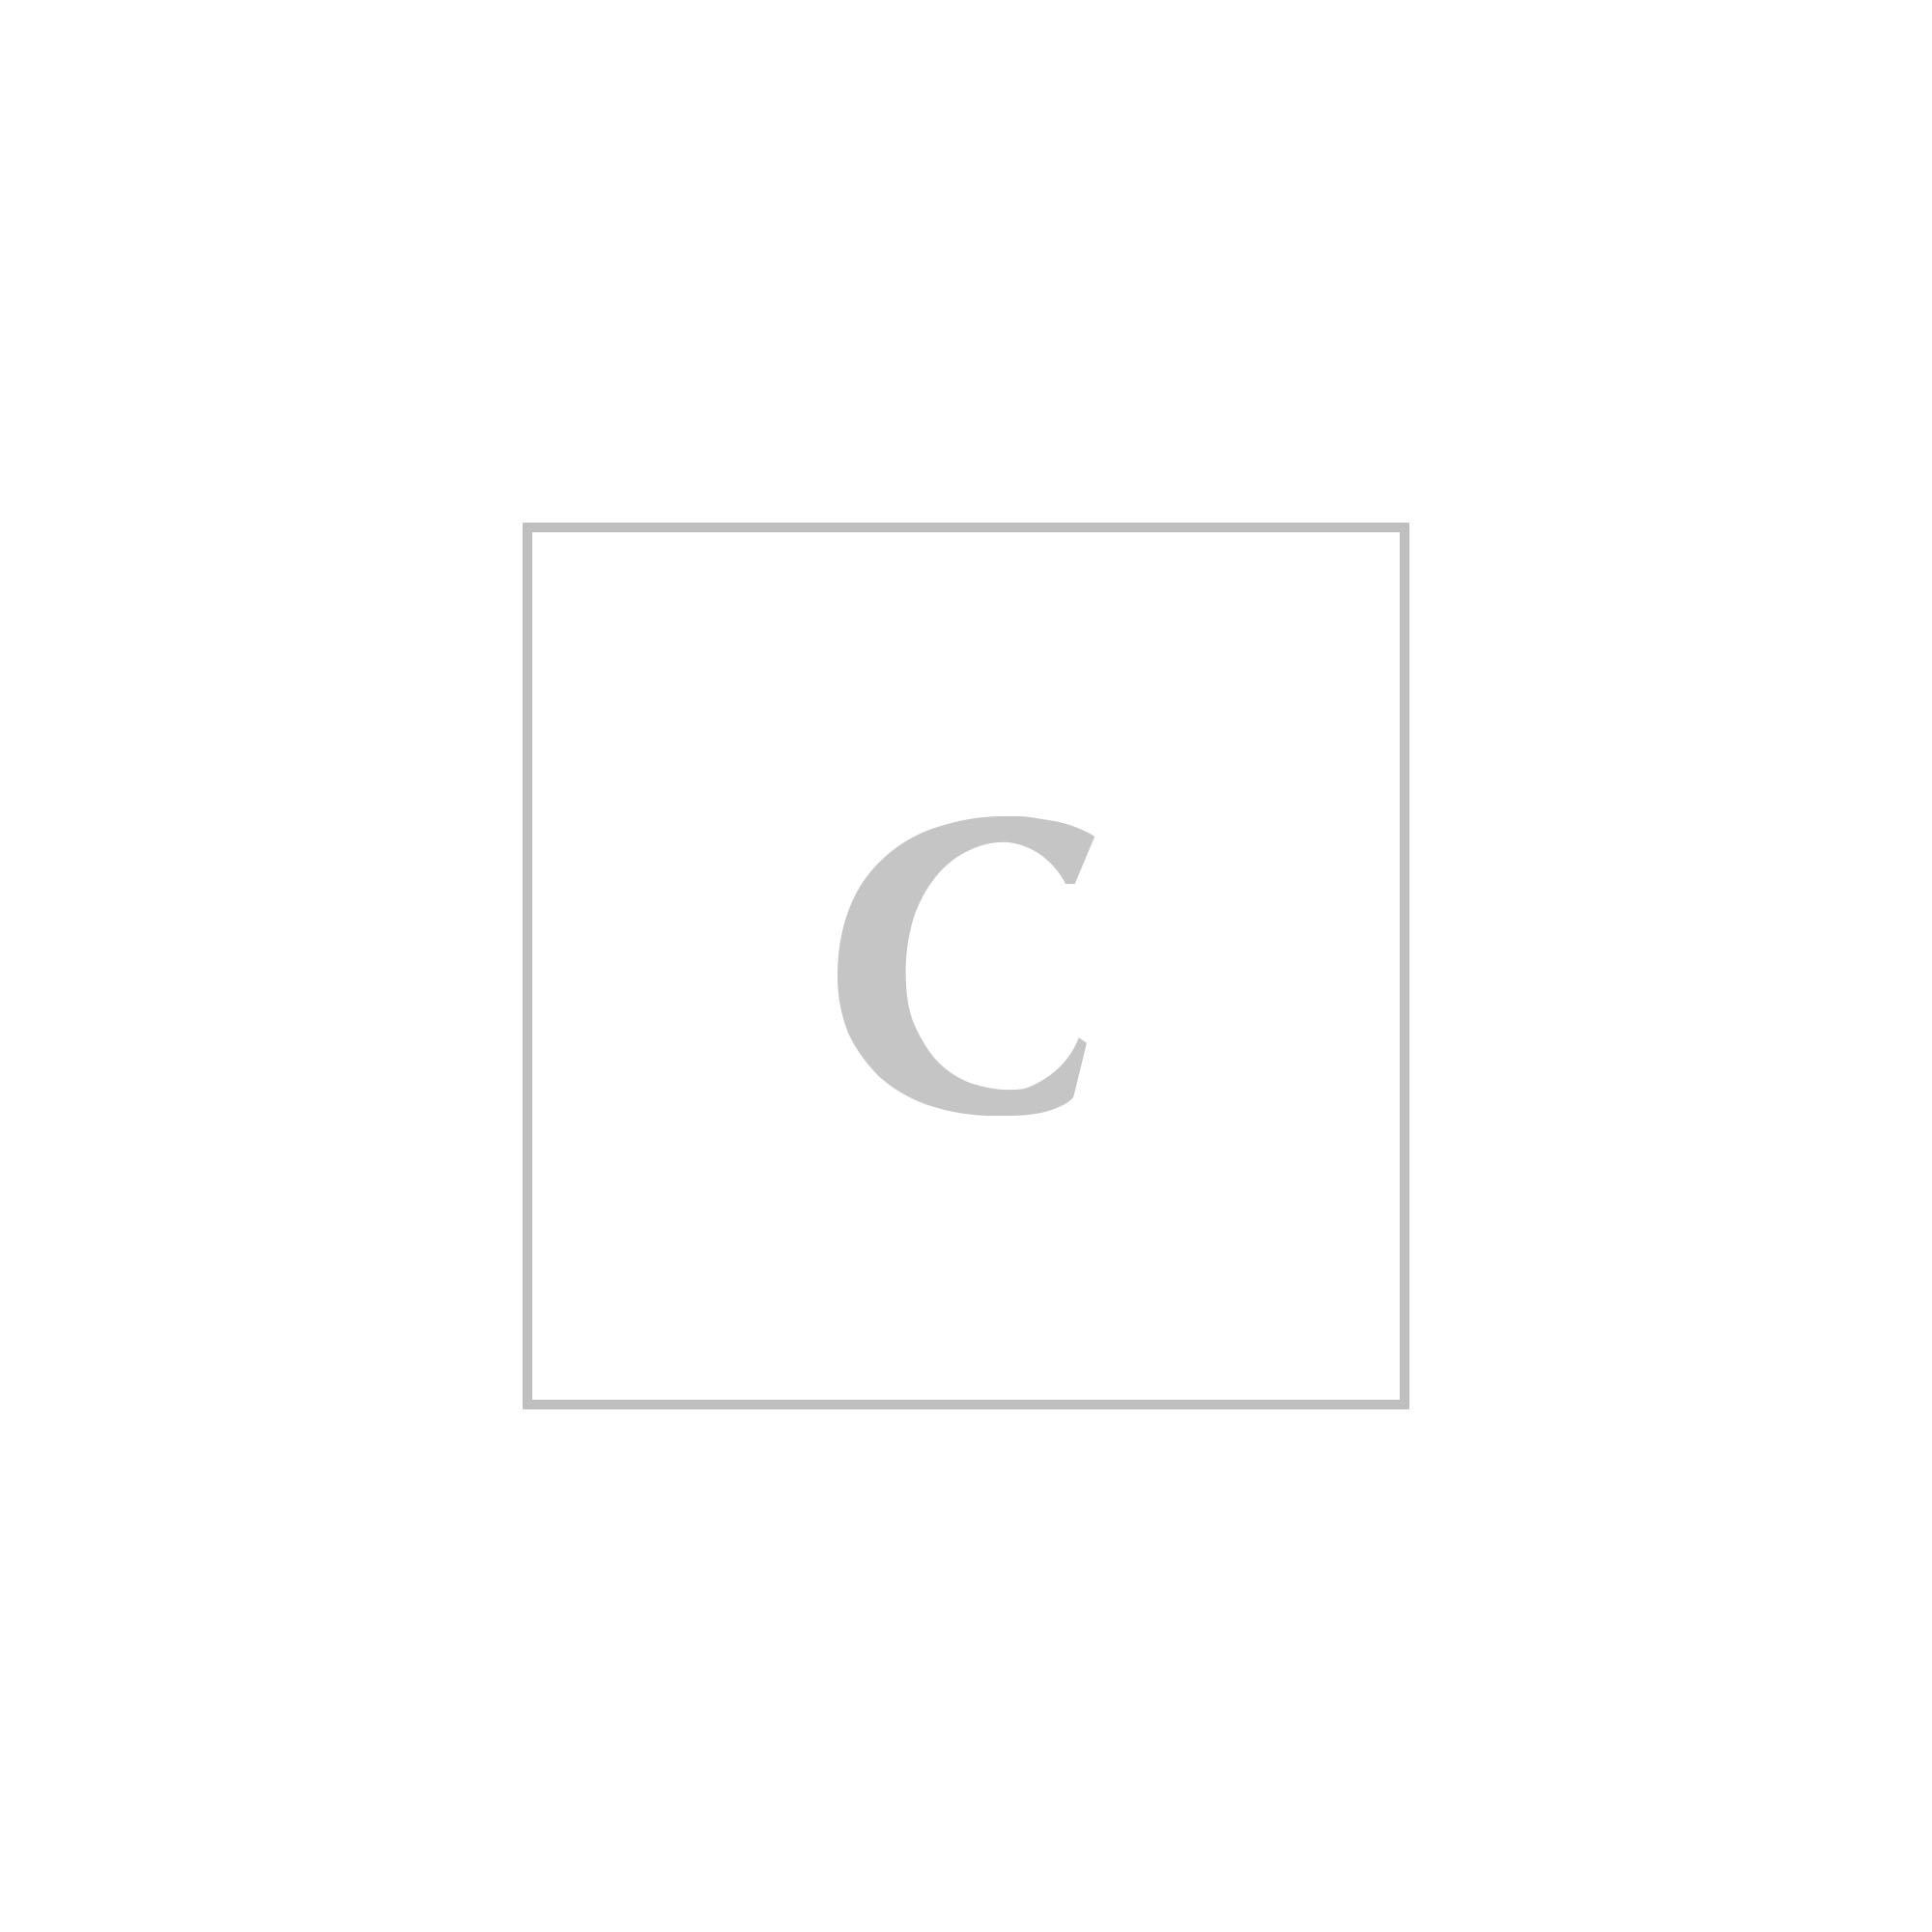 Christian Dior sneaker dior fusion strap